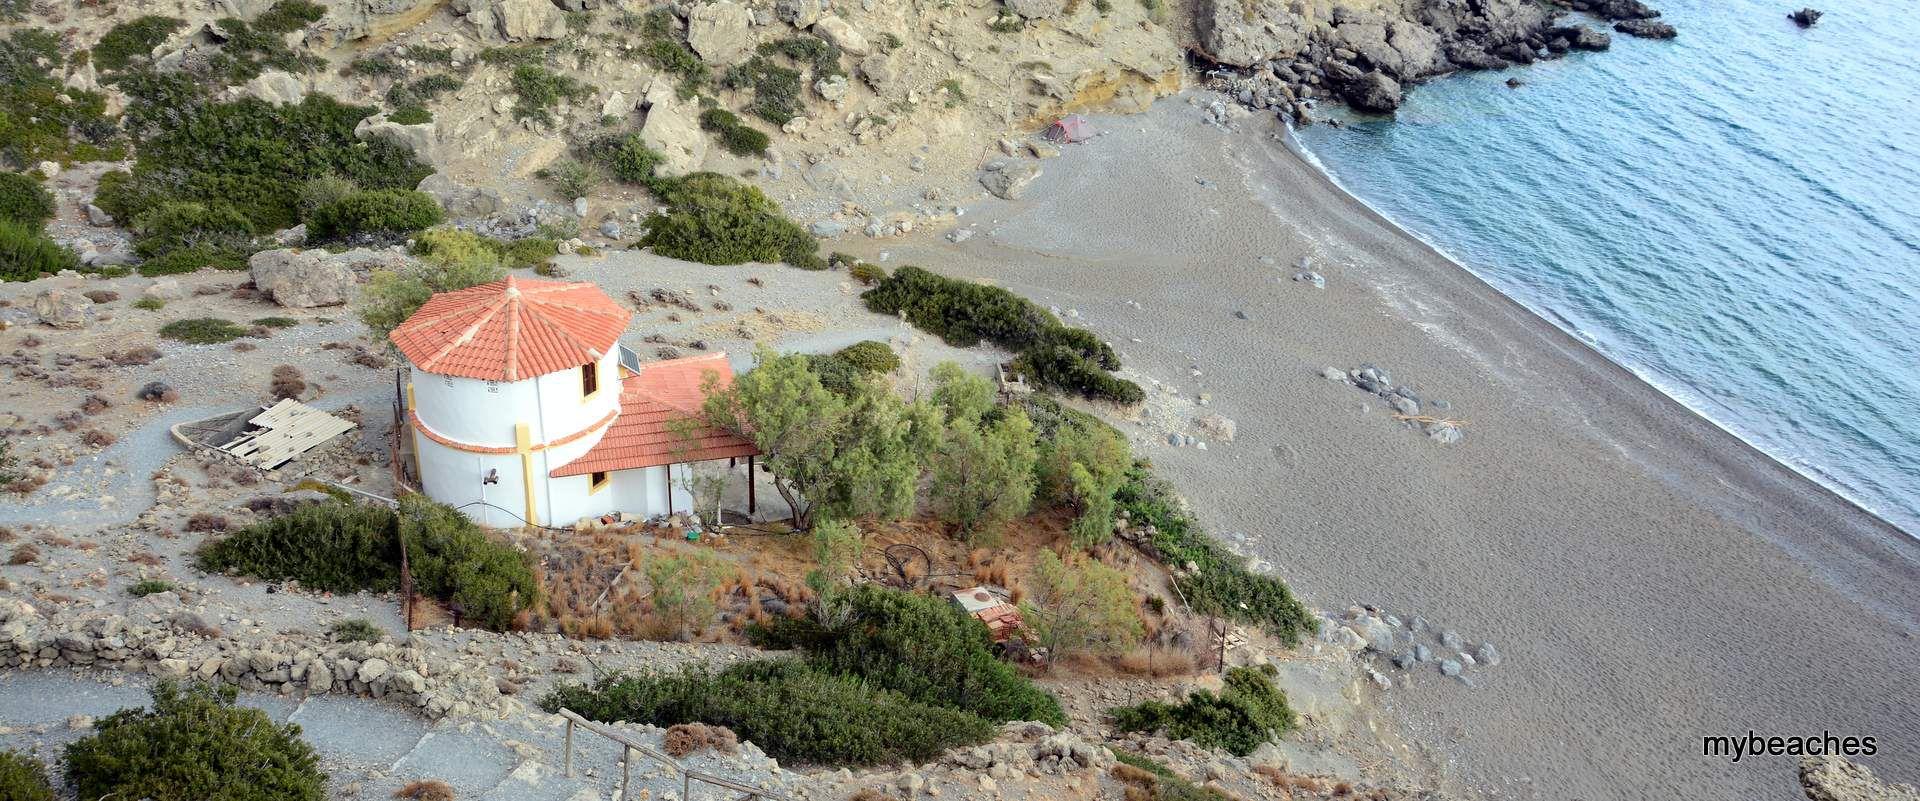 Ελυγιά, Παραλία στο Ηράκλειο Κρήτης